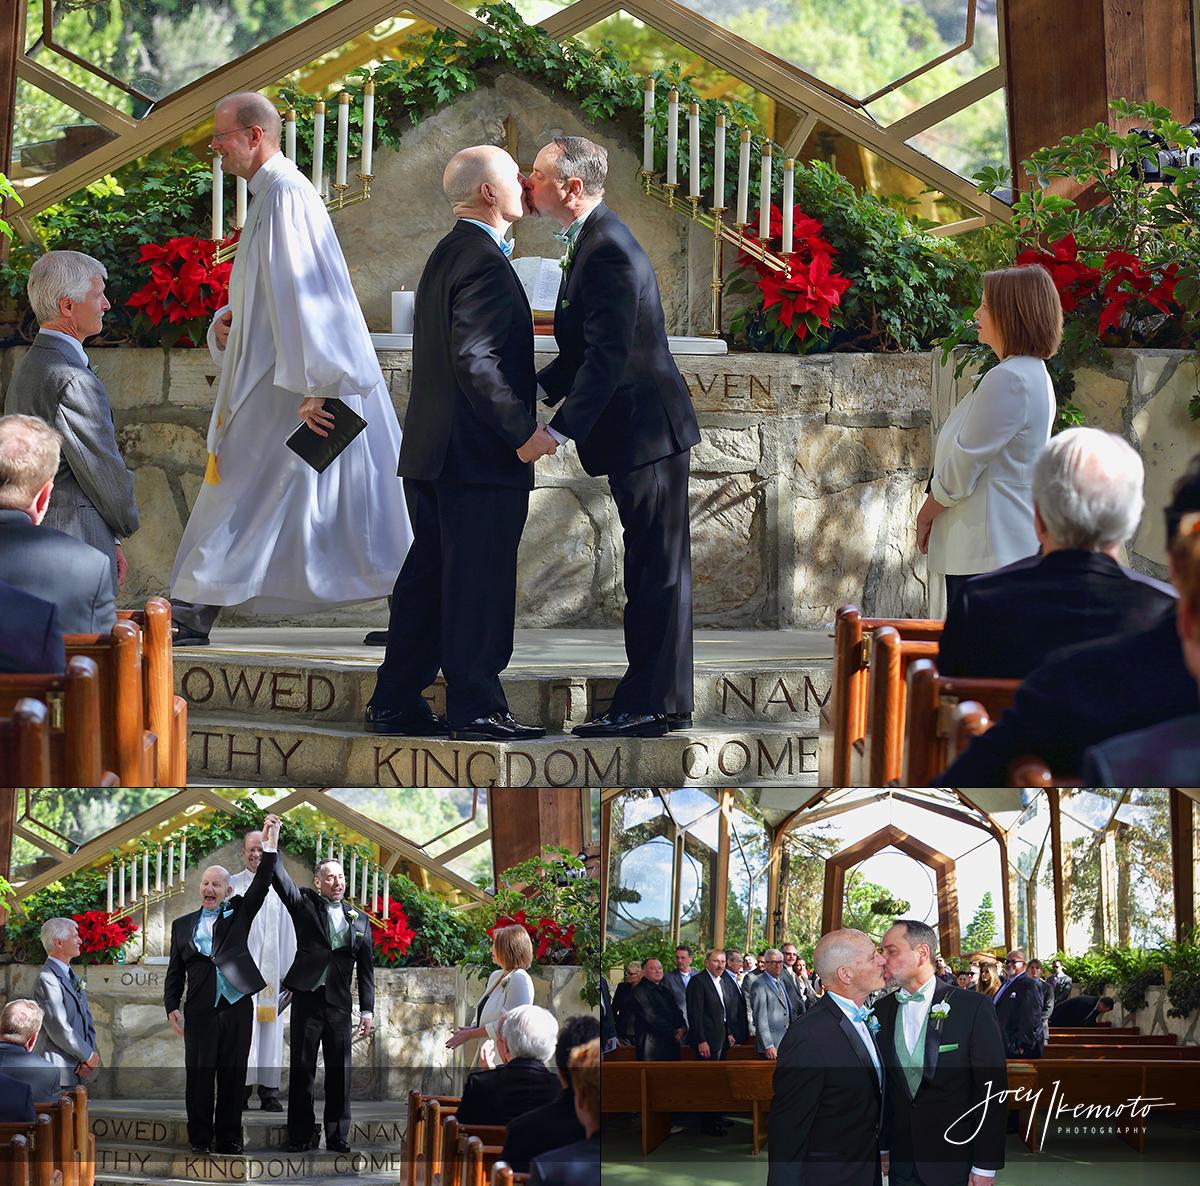 Wayfarers-Chapel-and-Long-Beach-Marriott-Wedding_0013_Blog-Collage-1451505561320